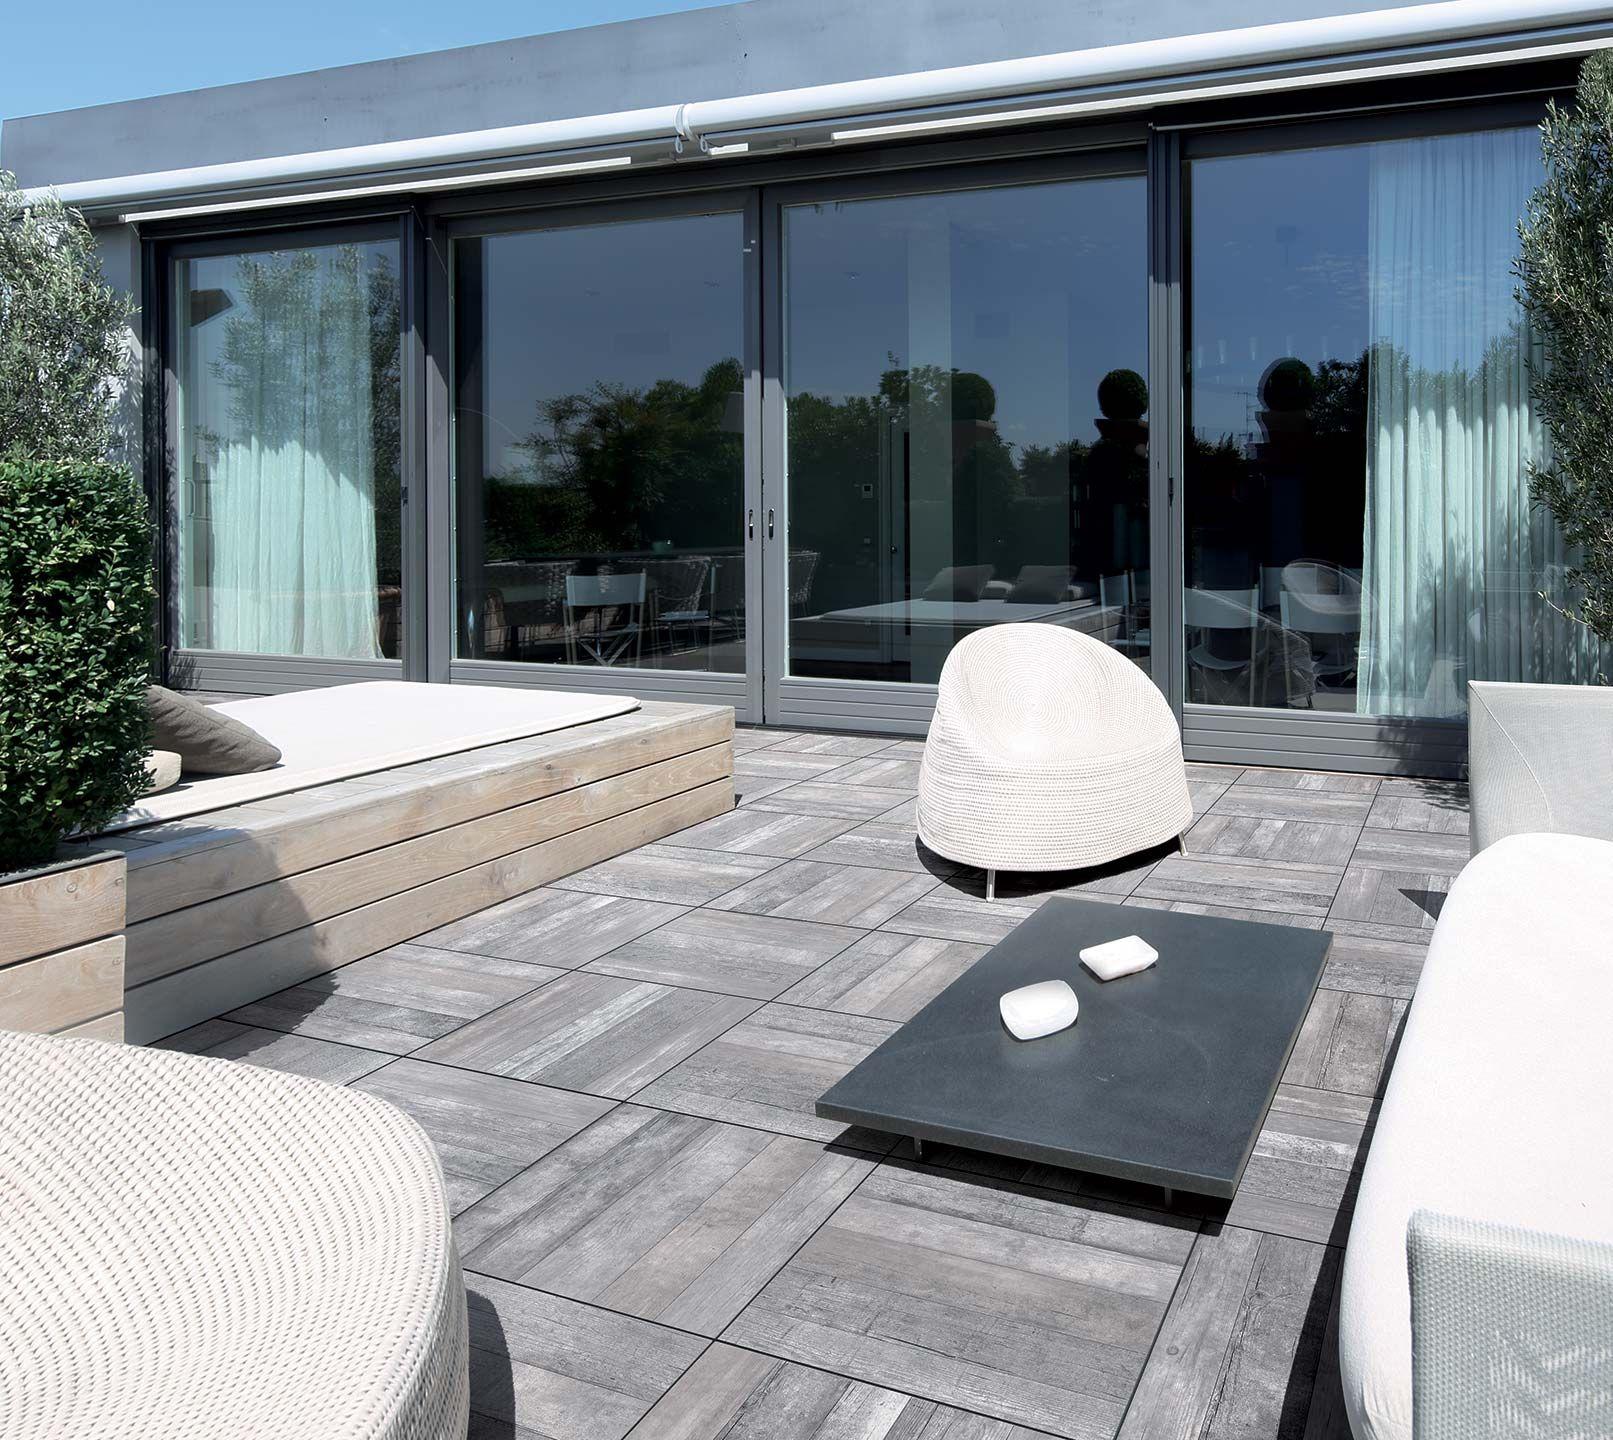 carrelage en bois pour l 39 ext rieur casa dolce casa se pose sans joint sur l 39 herbe le gravier. Black Bedroom Furniture Sets. Home Design Ideas